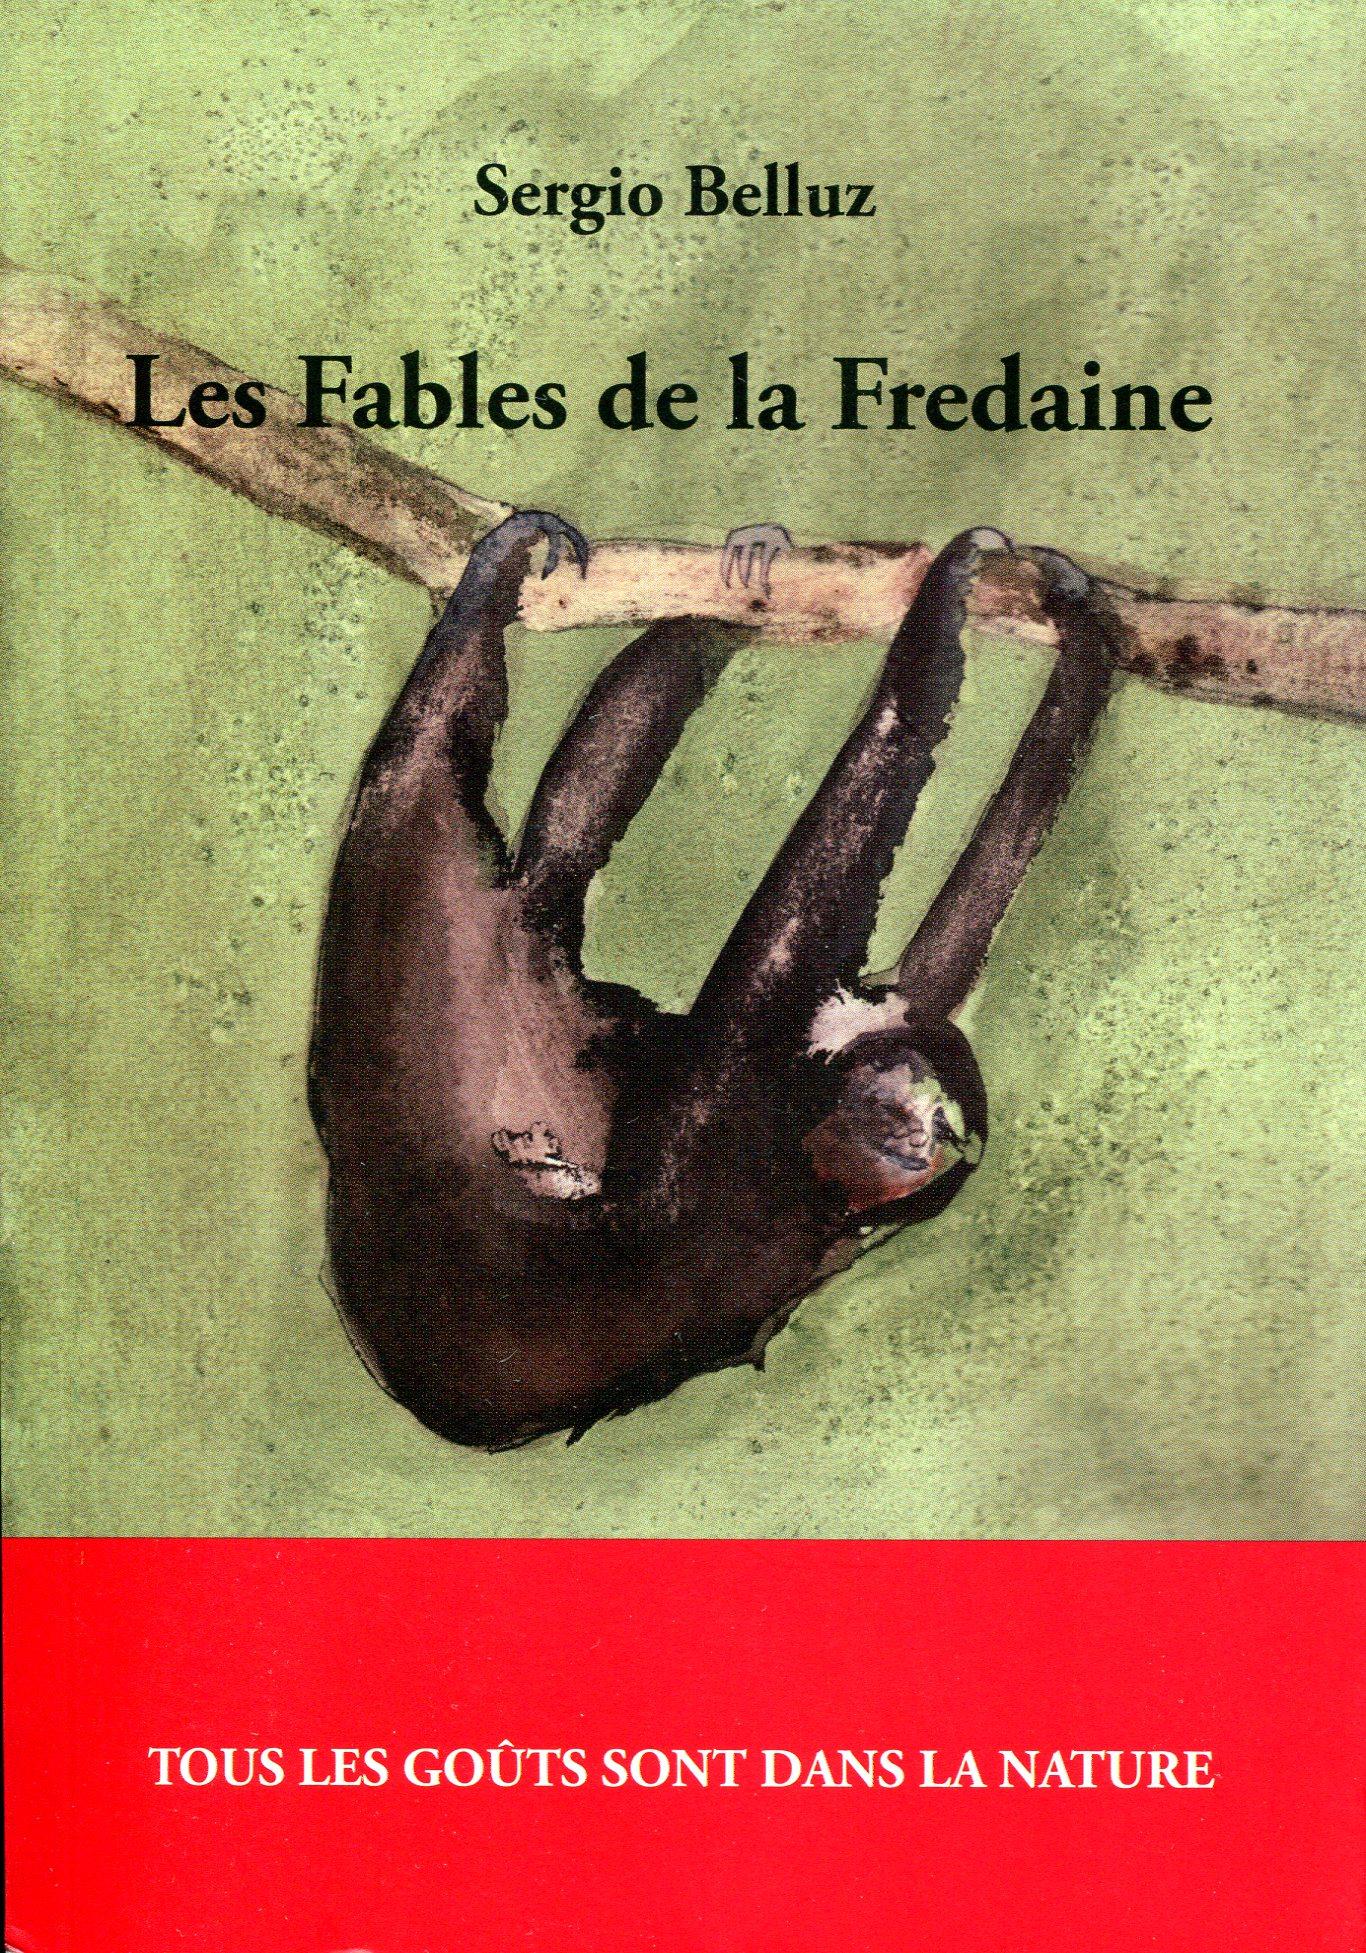 2016 Belluz Fables de la Fredaine.jpg